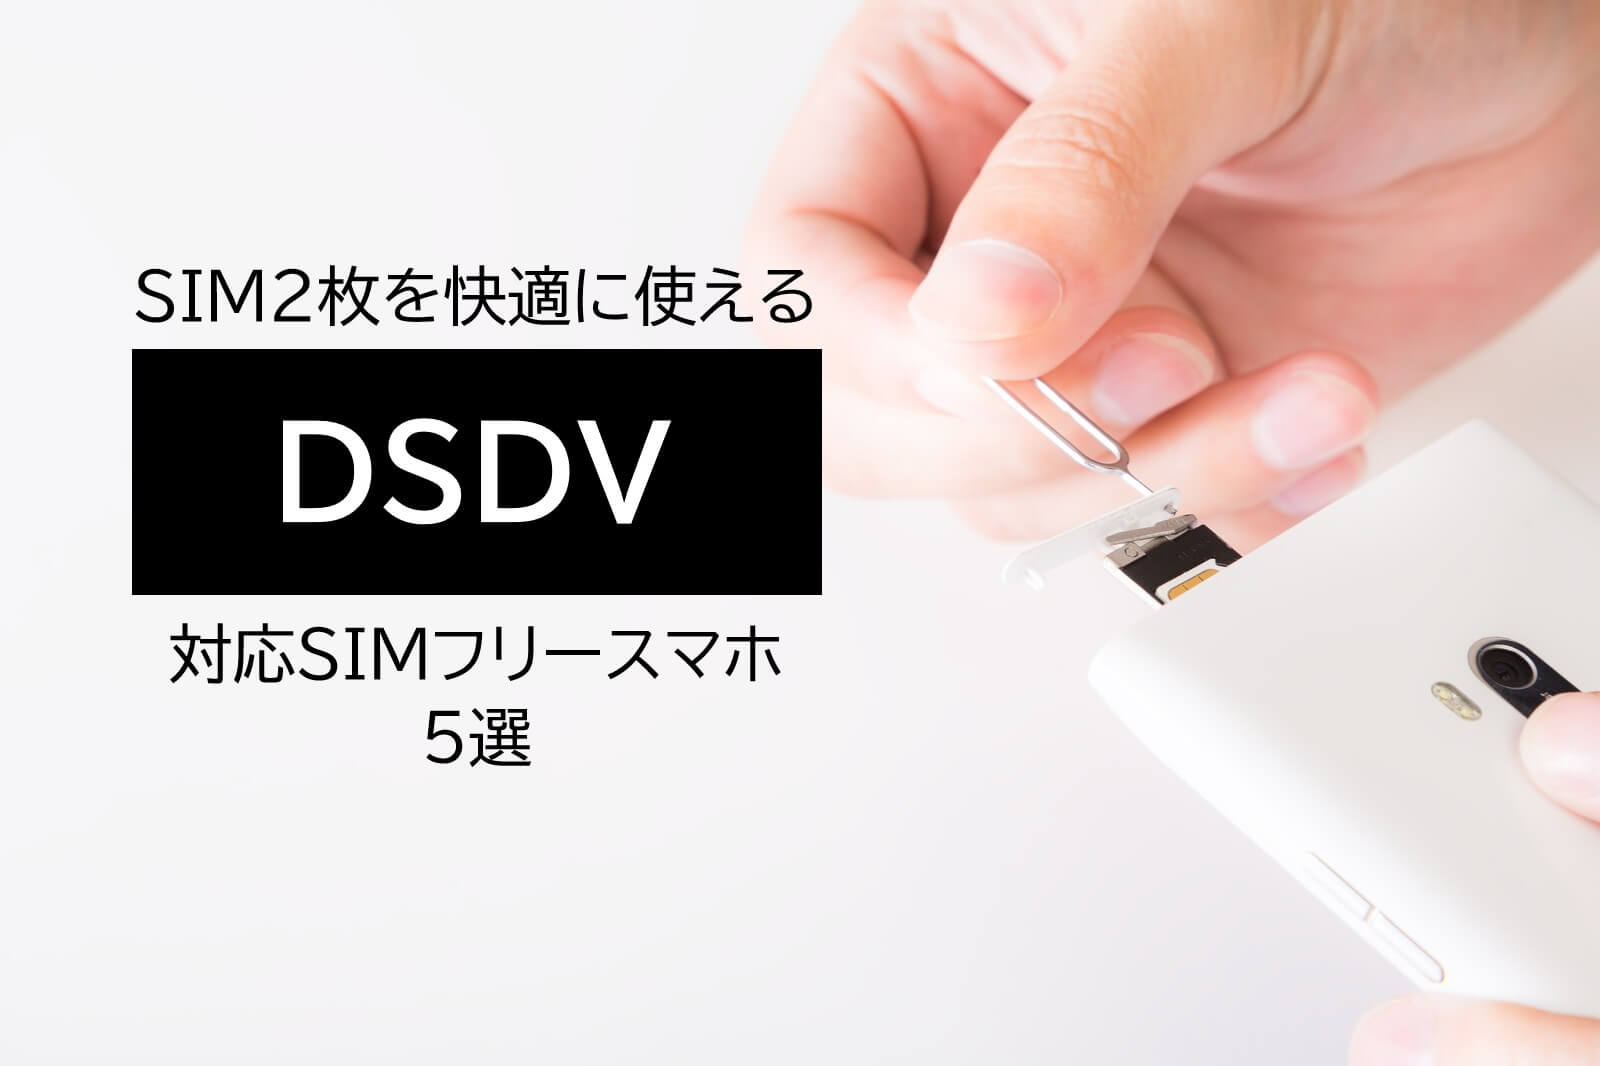 [2020年最新]DSDV対応SIMフリースマホ5選!2枚のSIMカードで通信料金も節約できる!?